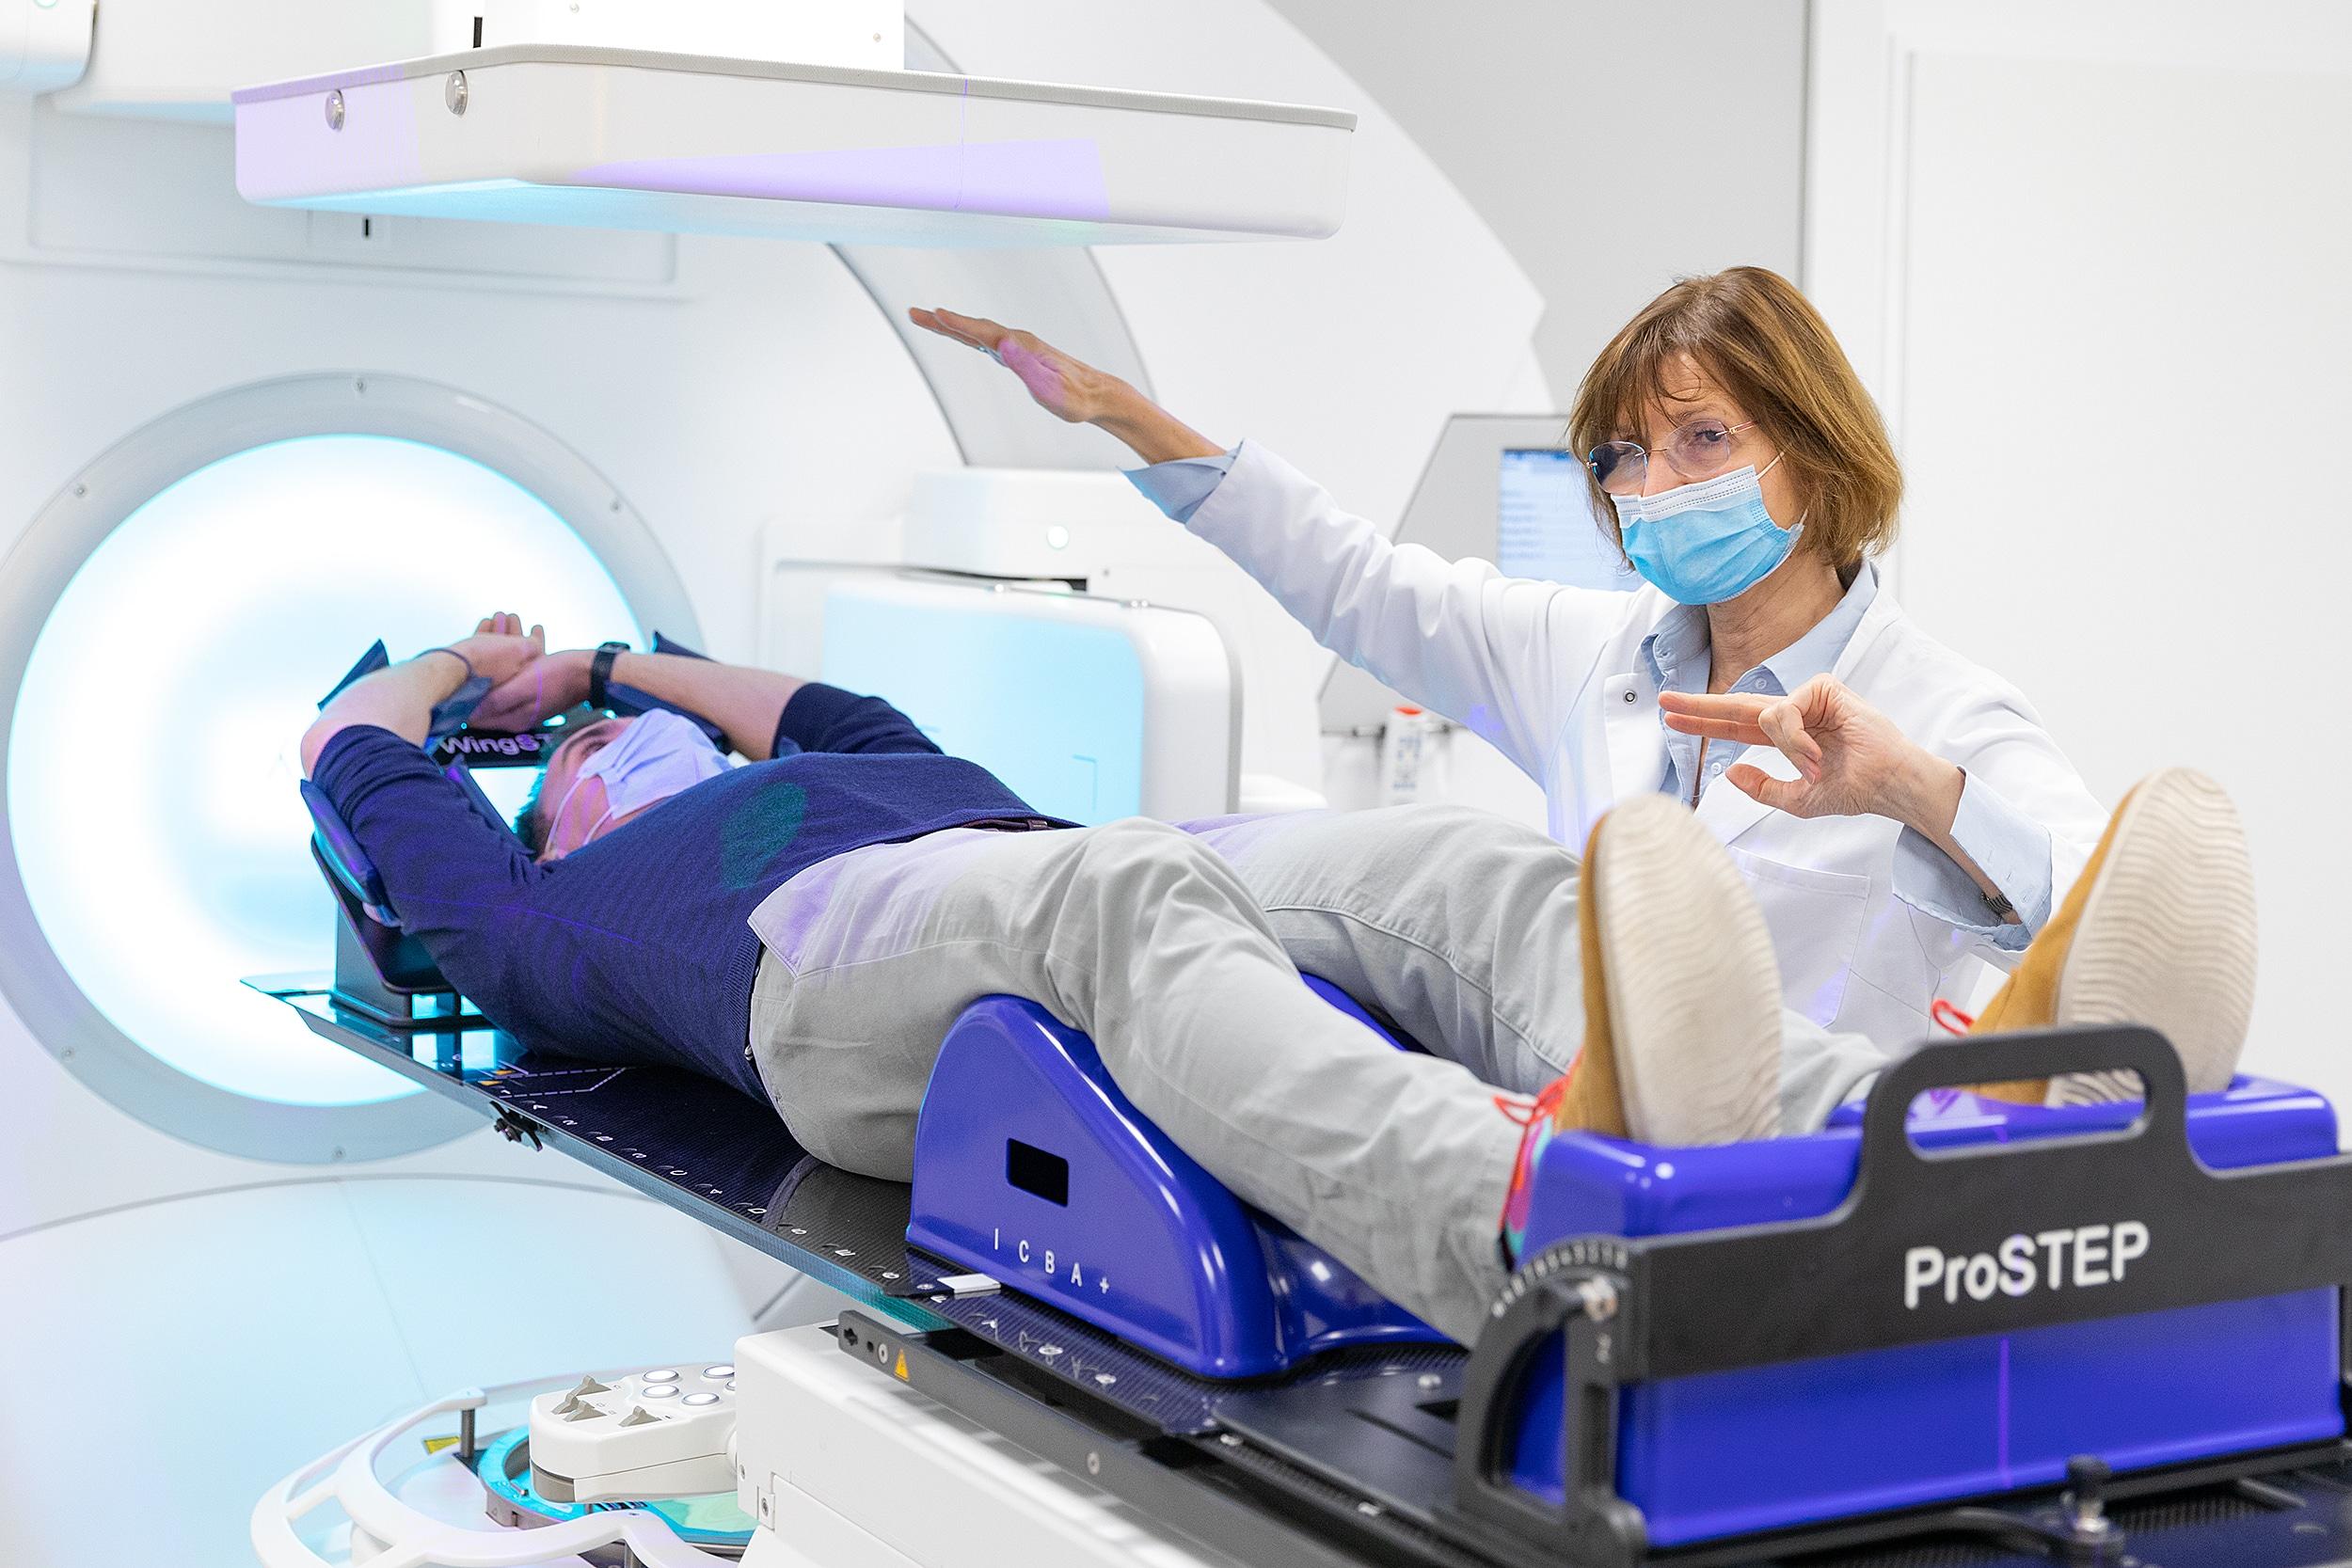 Der Linearbeschleuniger ist besonders komfortabel und schonend für Patienten. © MZV Prof. Dr. Uhlenbrock und Partner